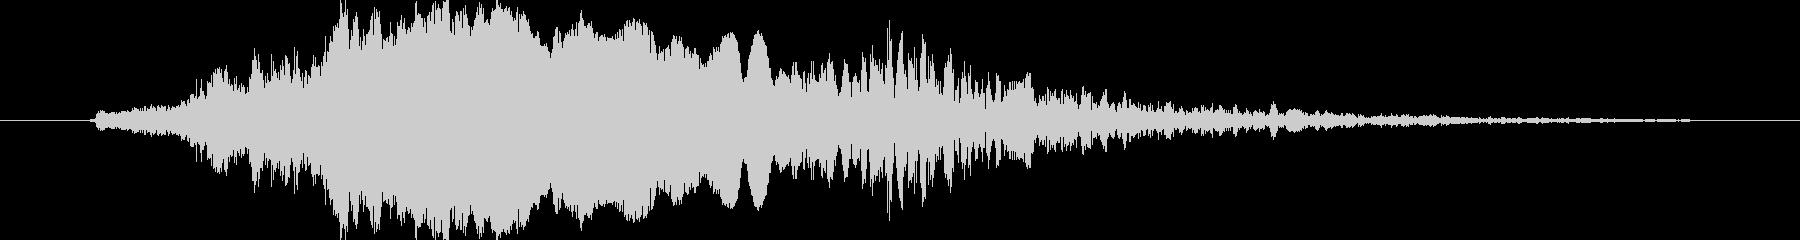 ワシの鳴き声の未再生の波形